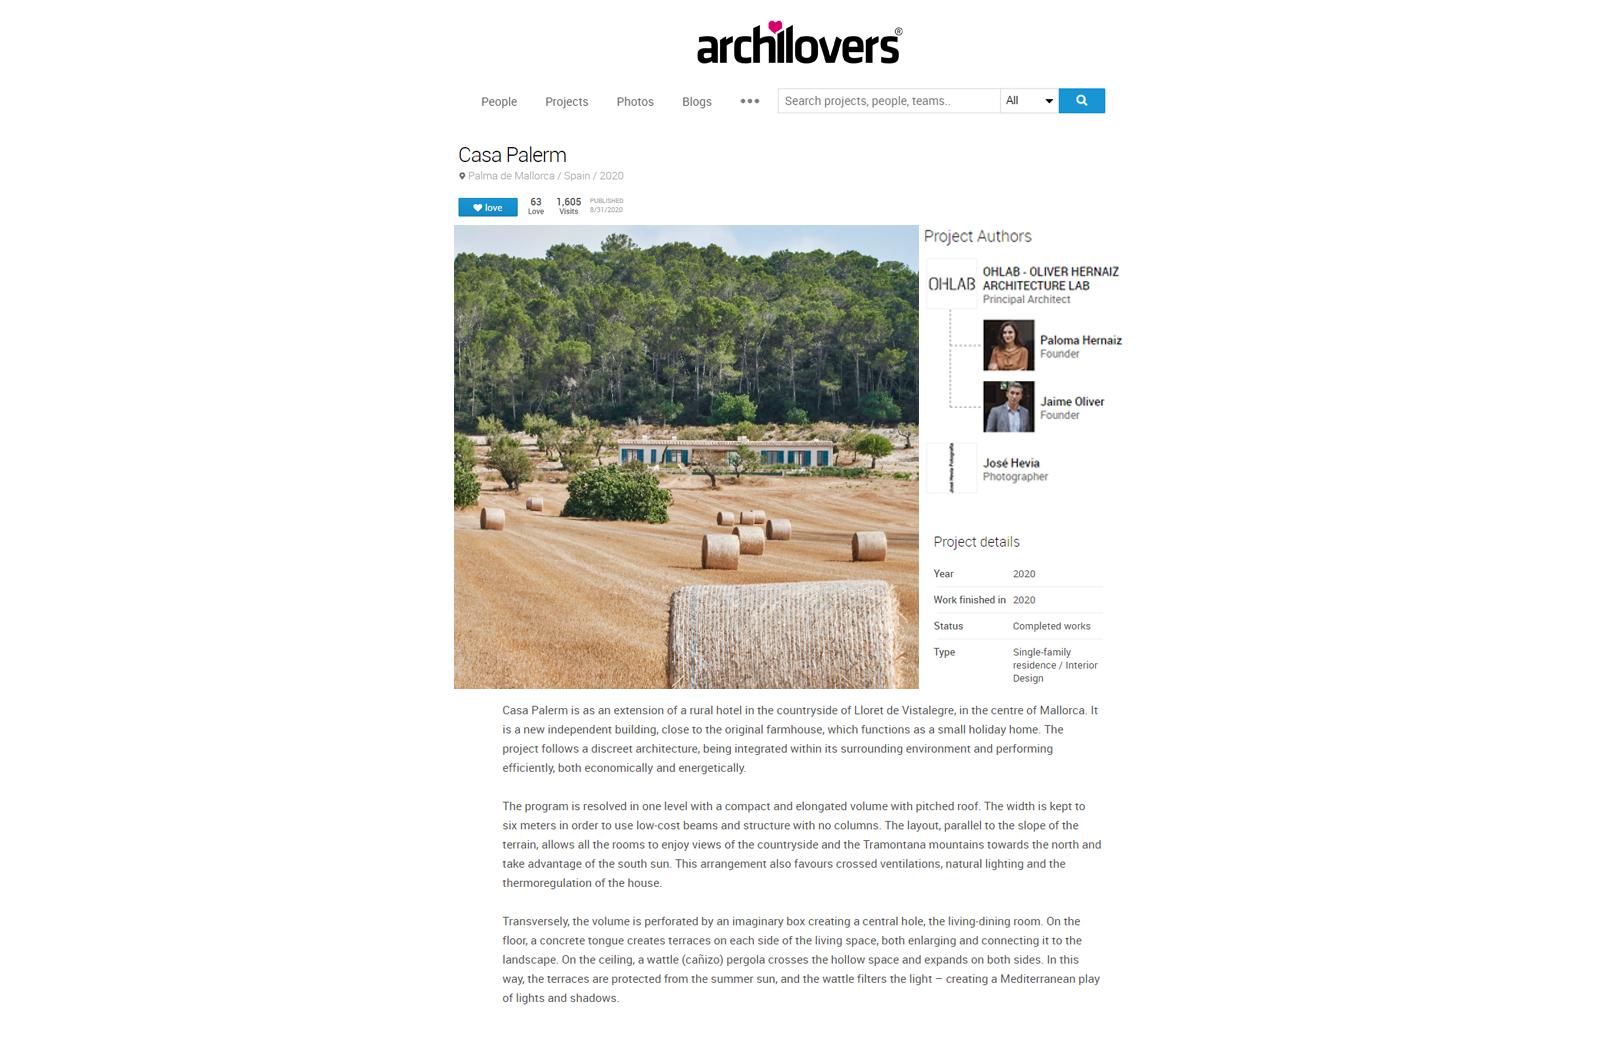 archilovers-casa-palerm